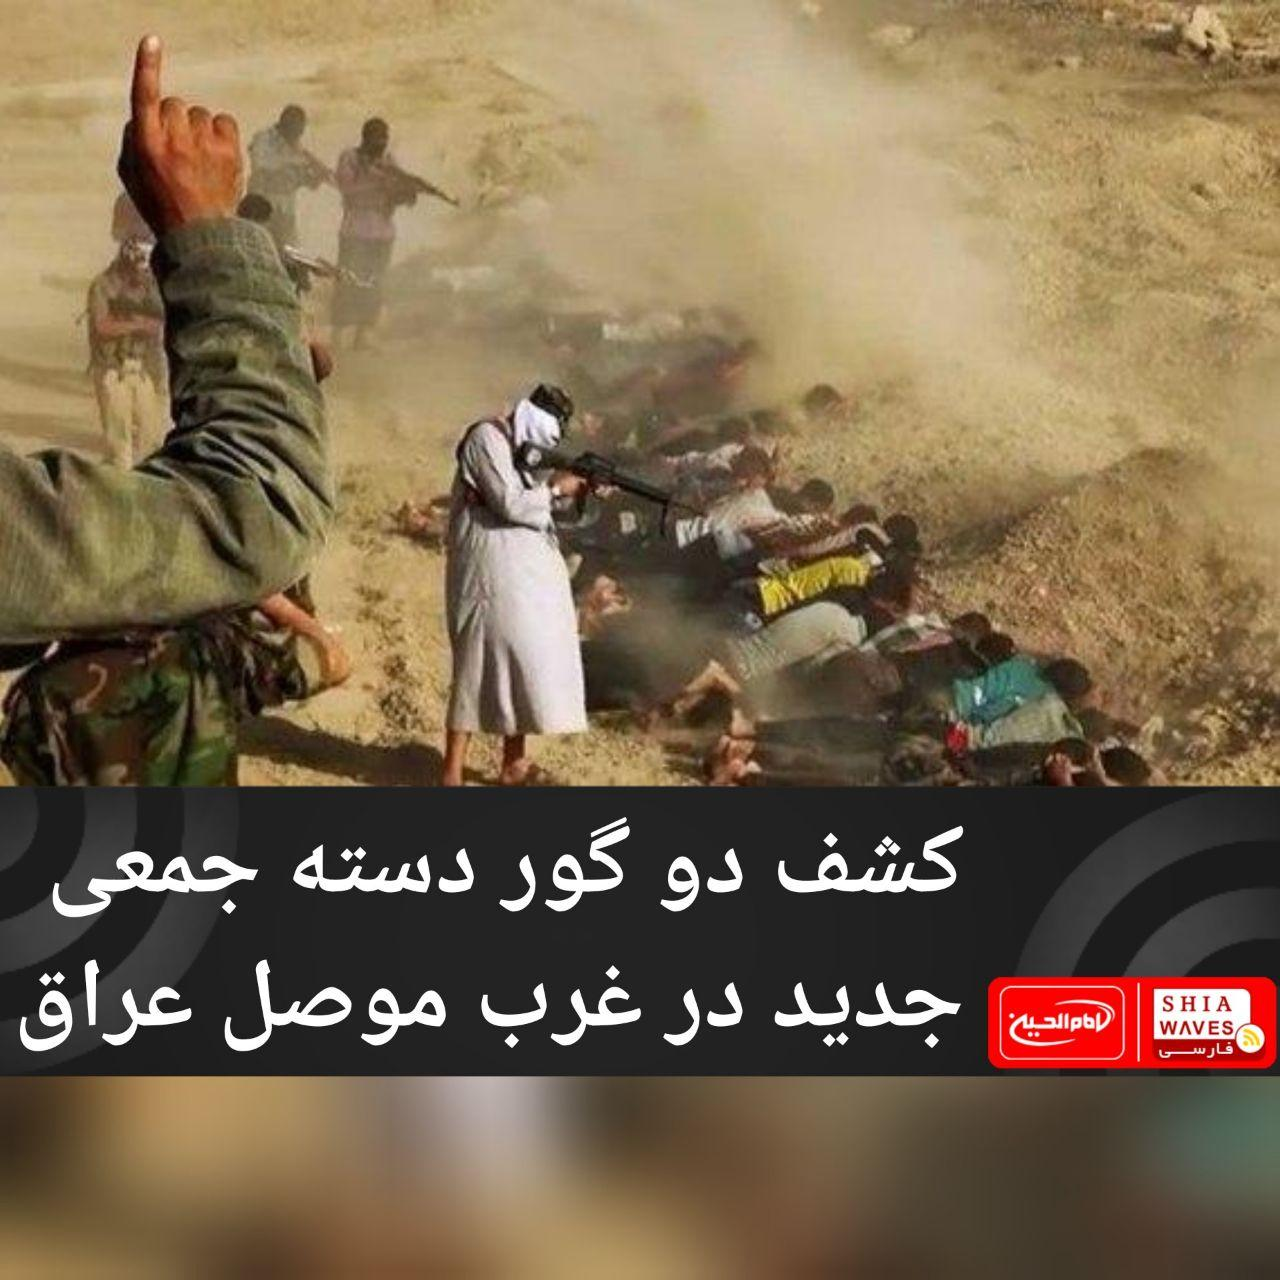 تصویر کشف دو گور دسته جمعی جدید در غرب موصل عراق